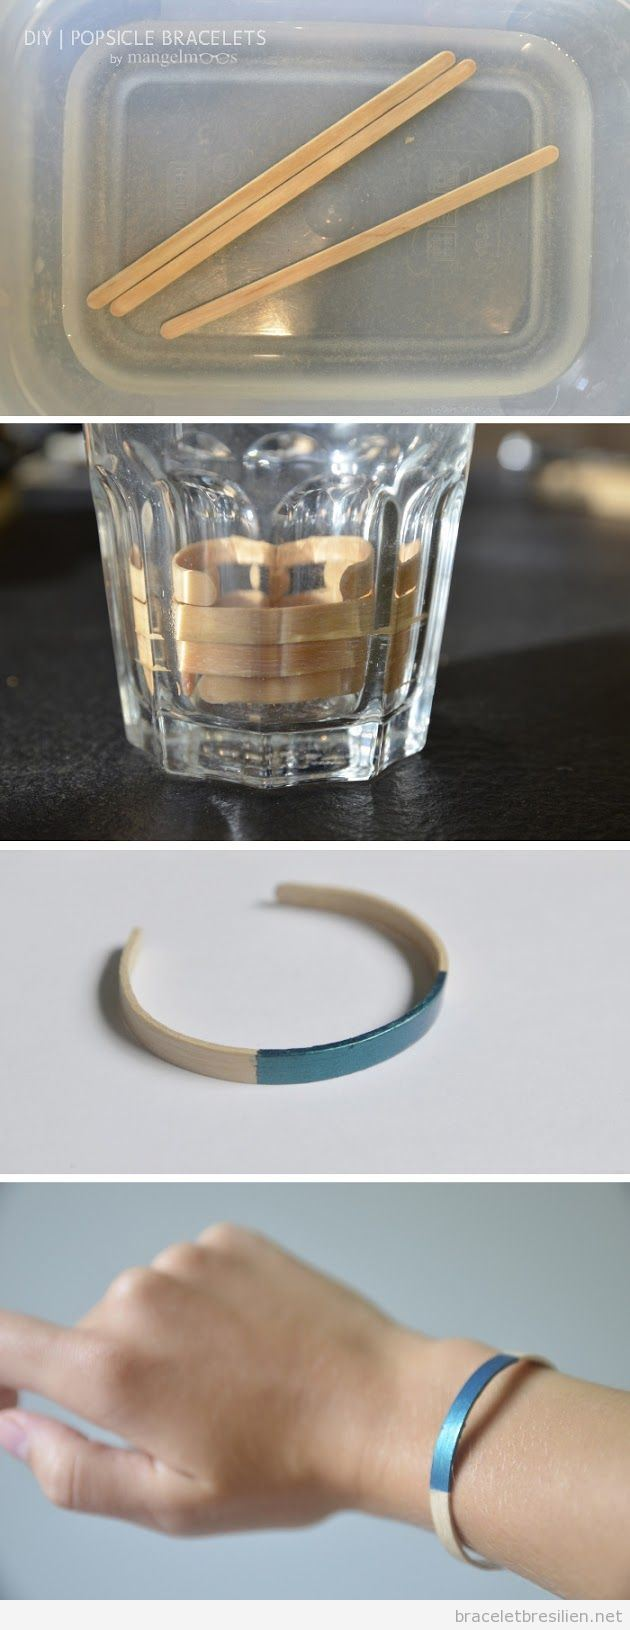 Bracelet fabriqué avec un bâtonnet de glace forme courbe